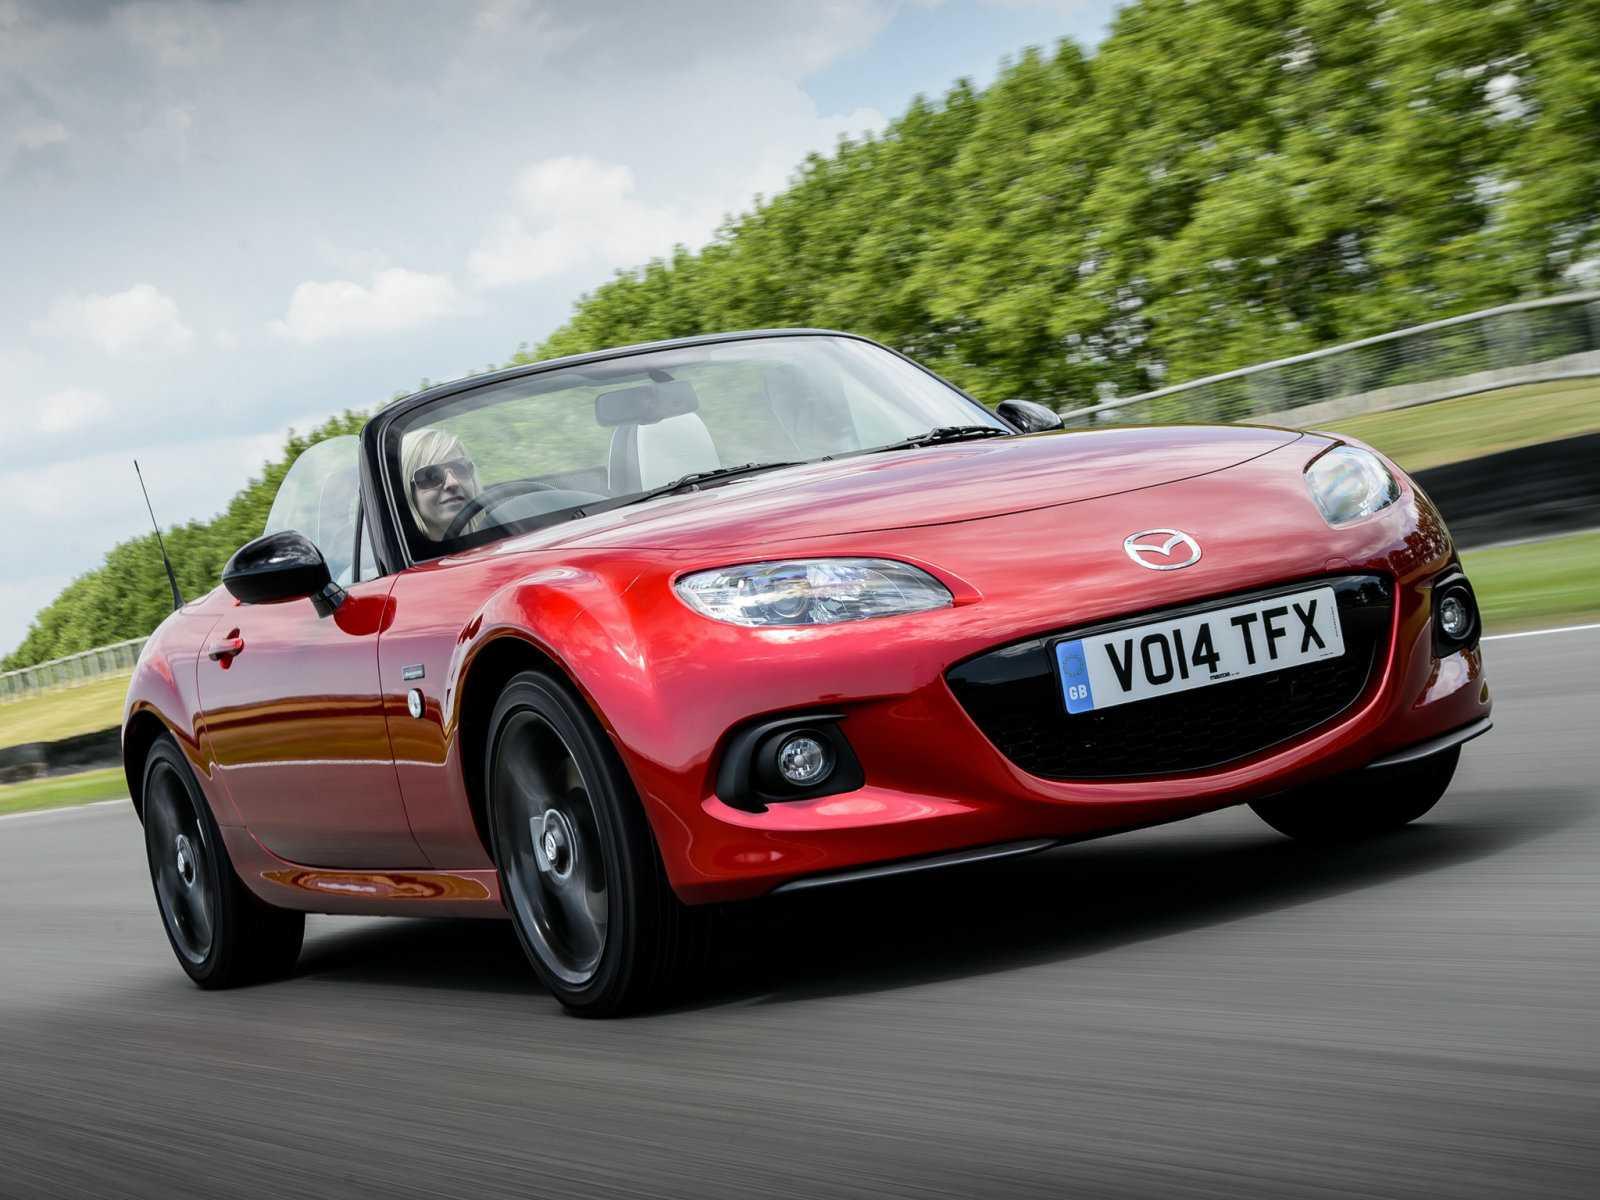 Mazda рассказала о судьбе легендарной модели mx-5